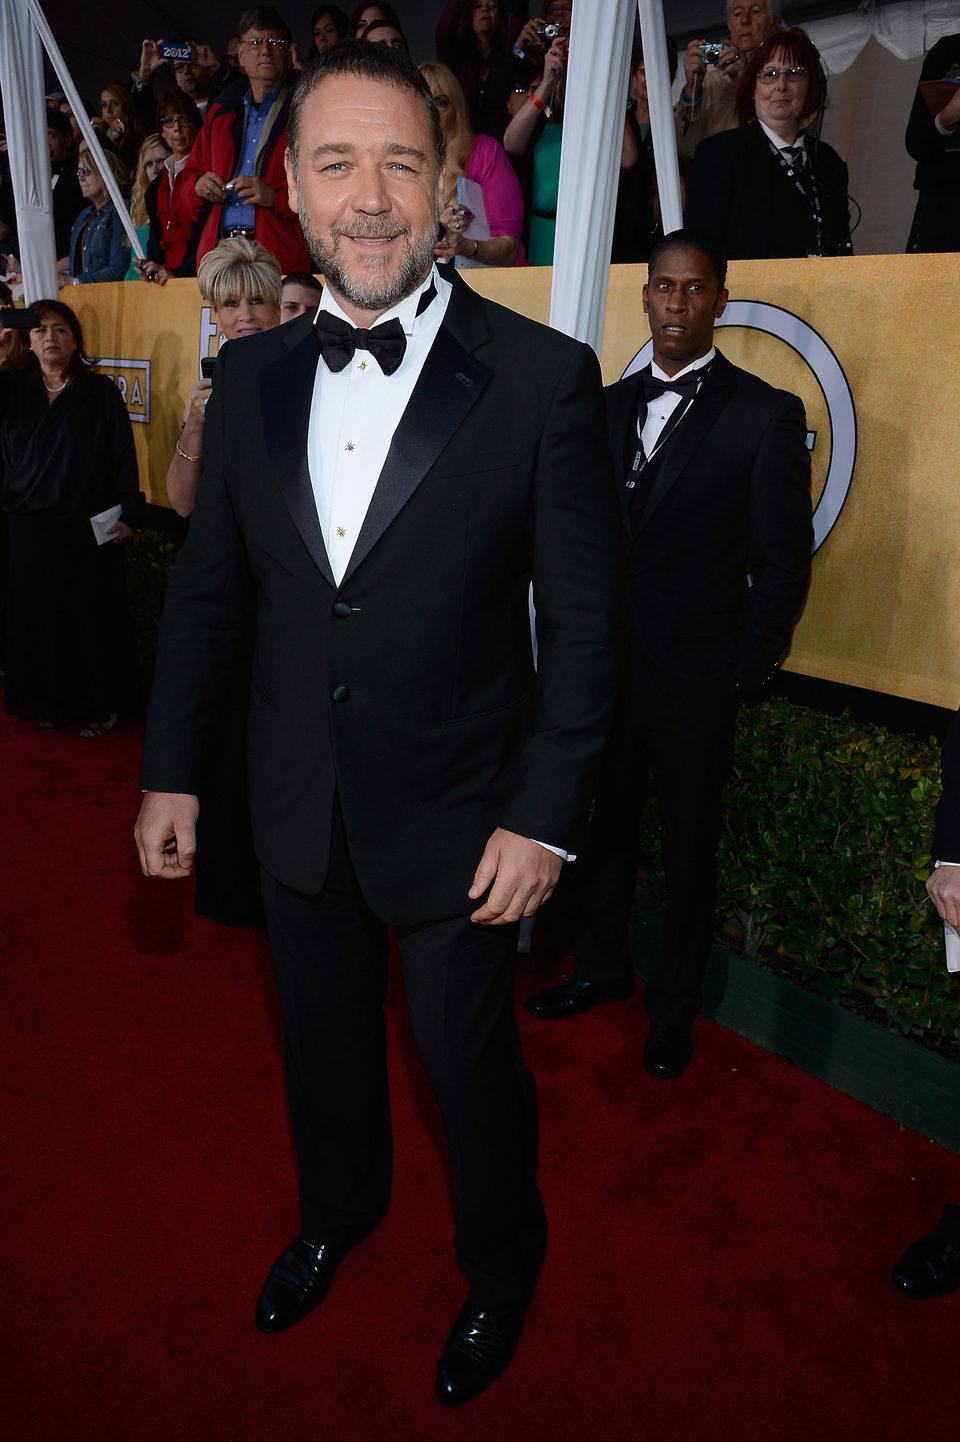 Russell Crowe en la alfombra roja de los Screen Actors Guild Awards 2013